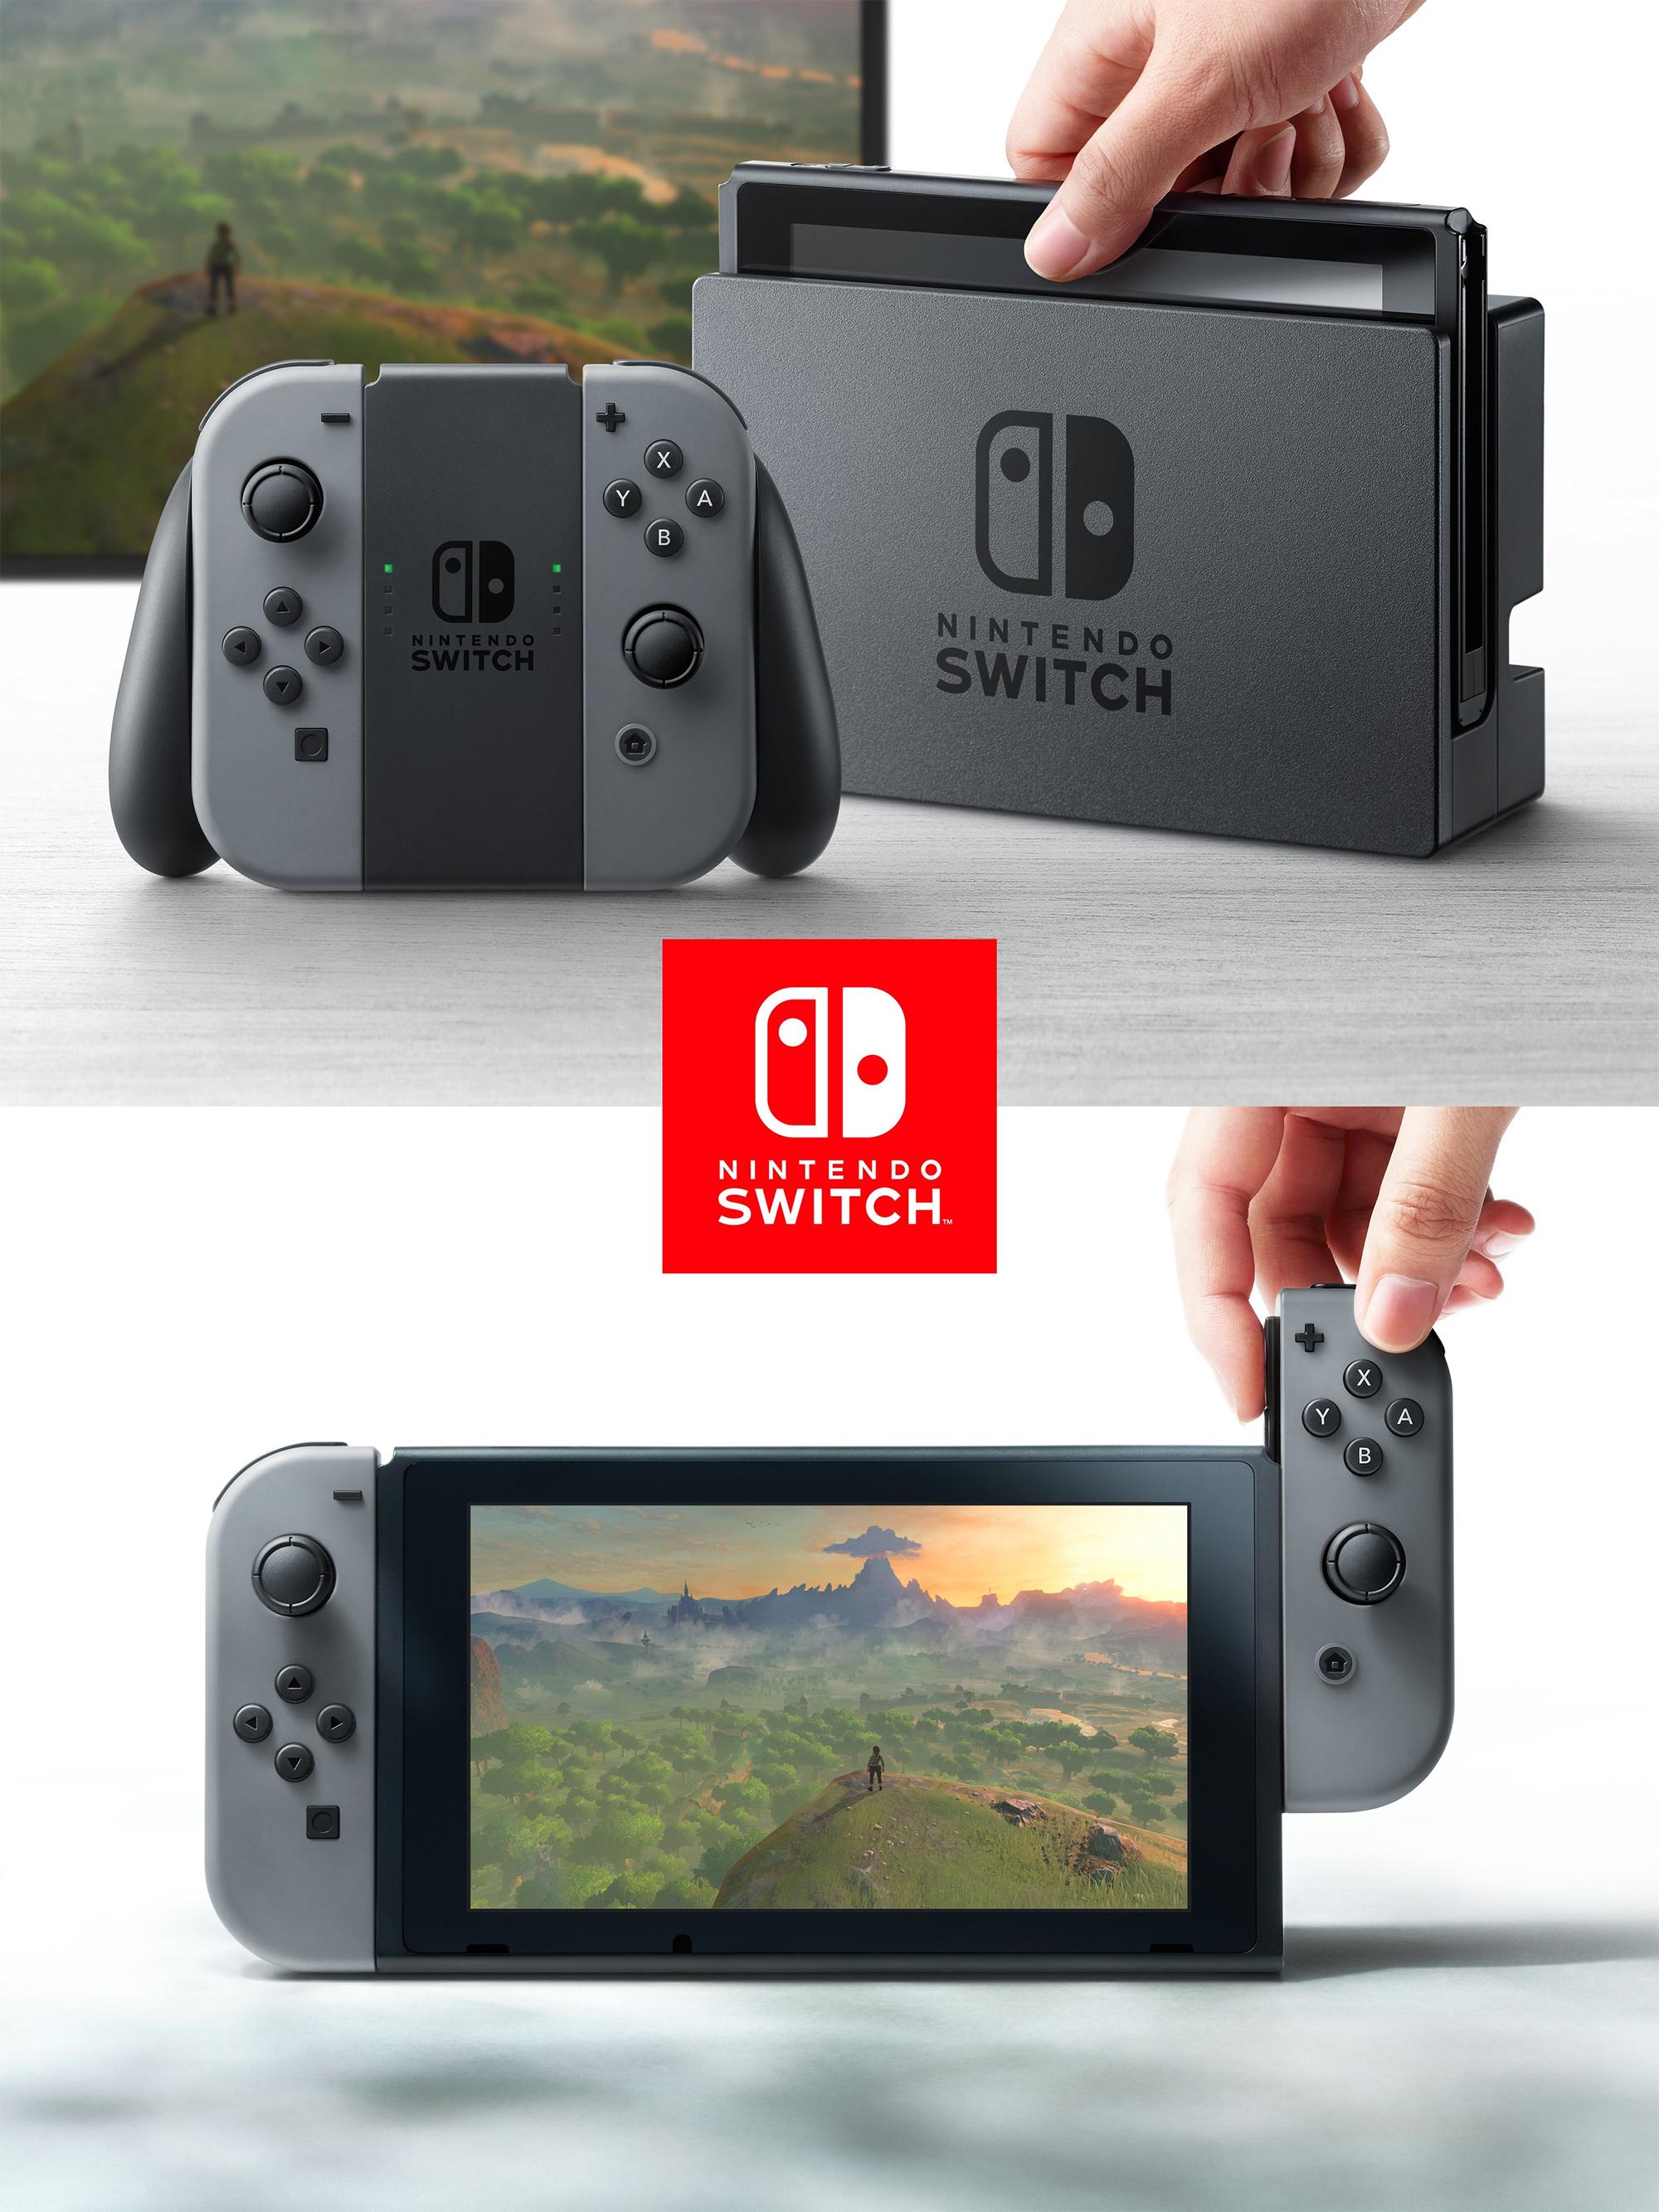 Los mandos Joy-Con y el nuevo Pro: los controles híbridos de NX, la nueva Nintendo Switch